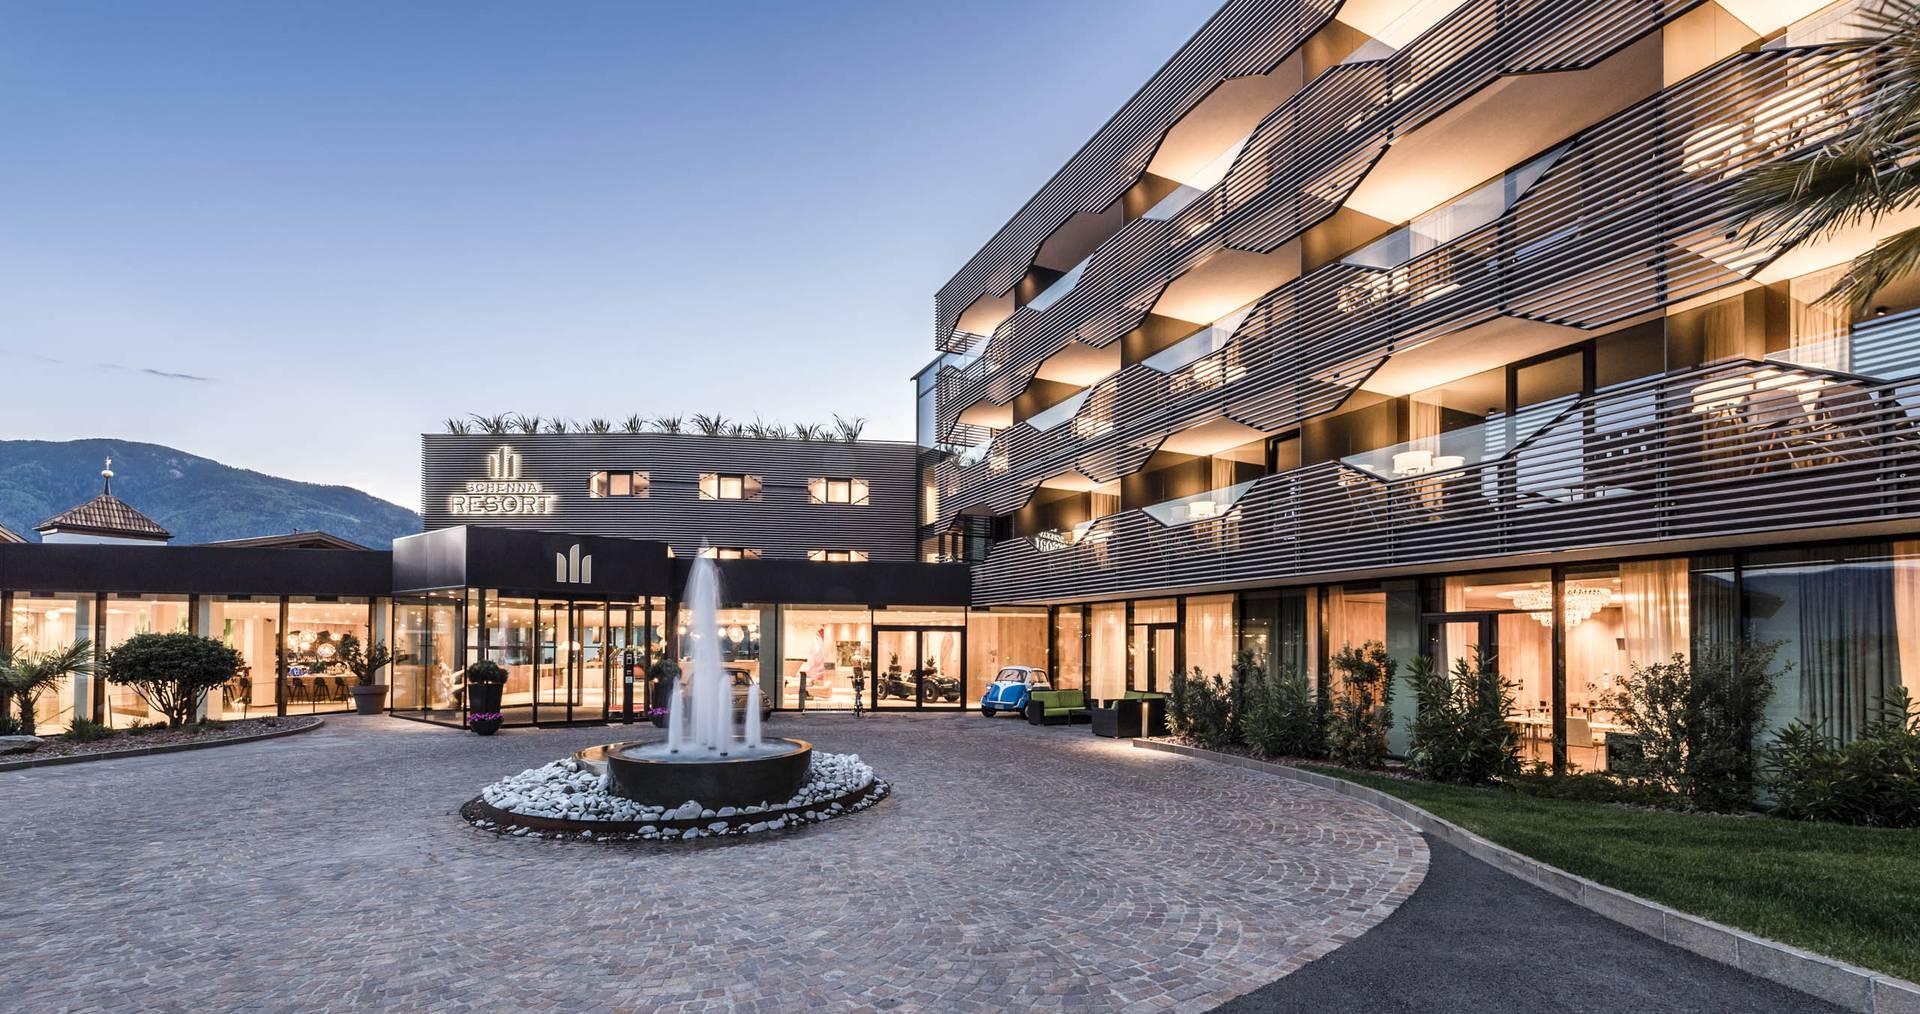 Schenna Resort - Wellness & Spa Hotel Benessere sopra Merano